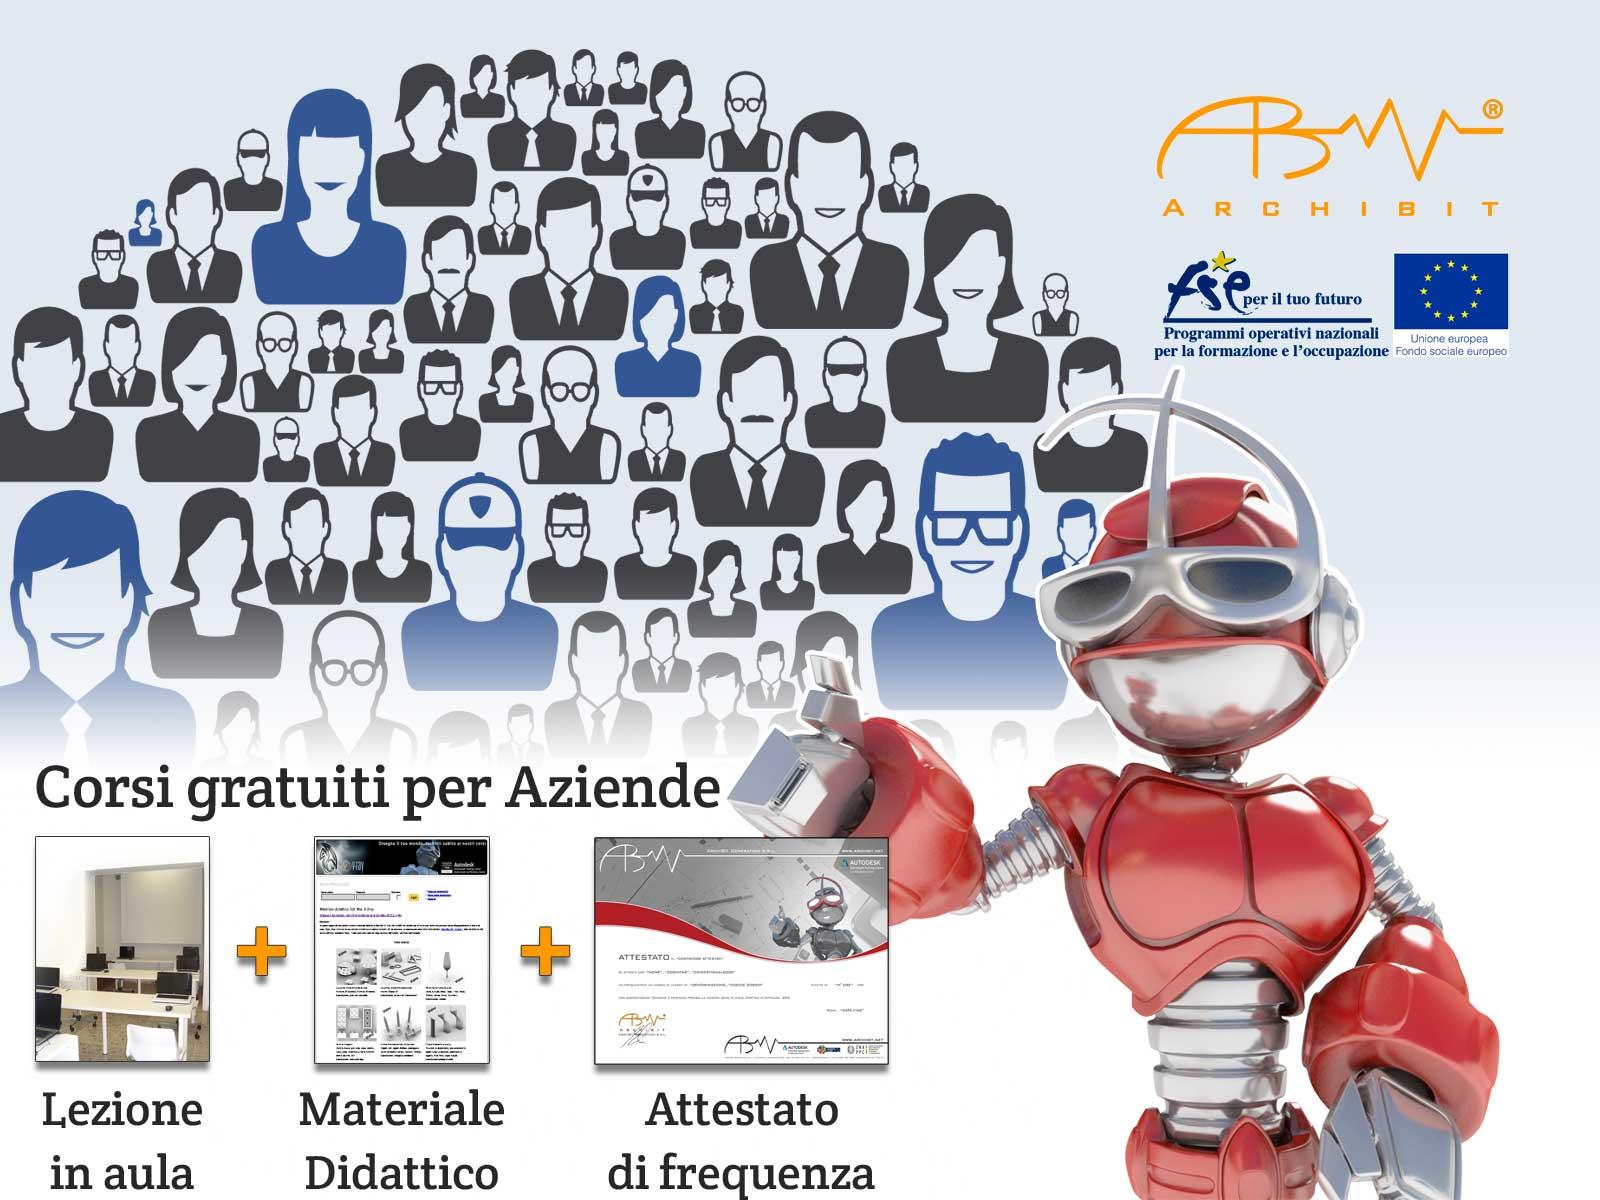 corsi-gratuiti-aziende-ada1-corso-finanziato-comunita-europea-fse-regione-lazio-archibit-centro-corsi-finanziati-roma